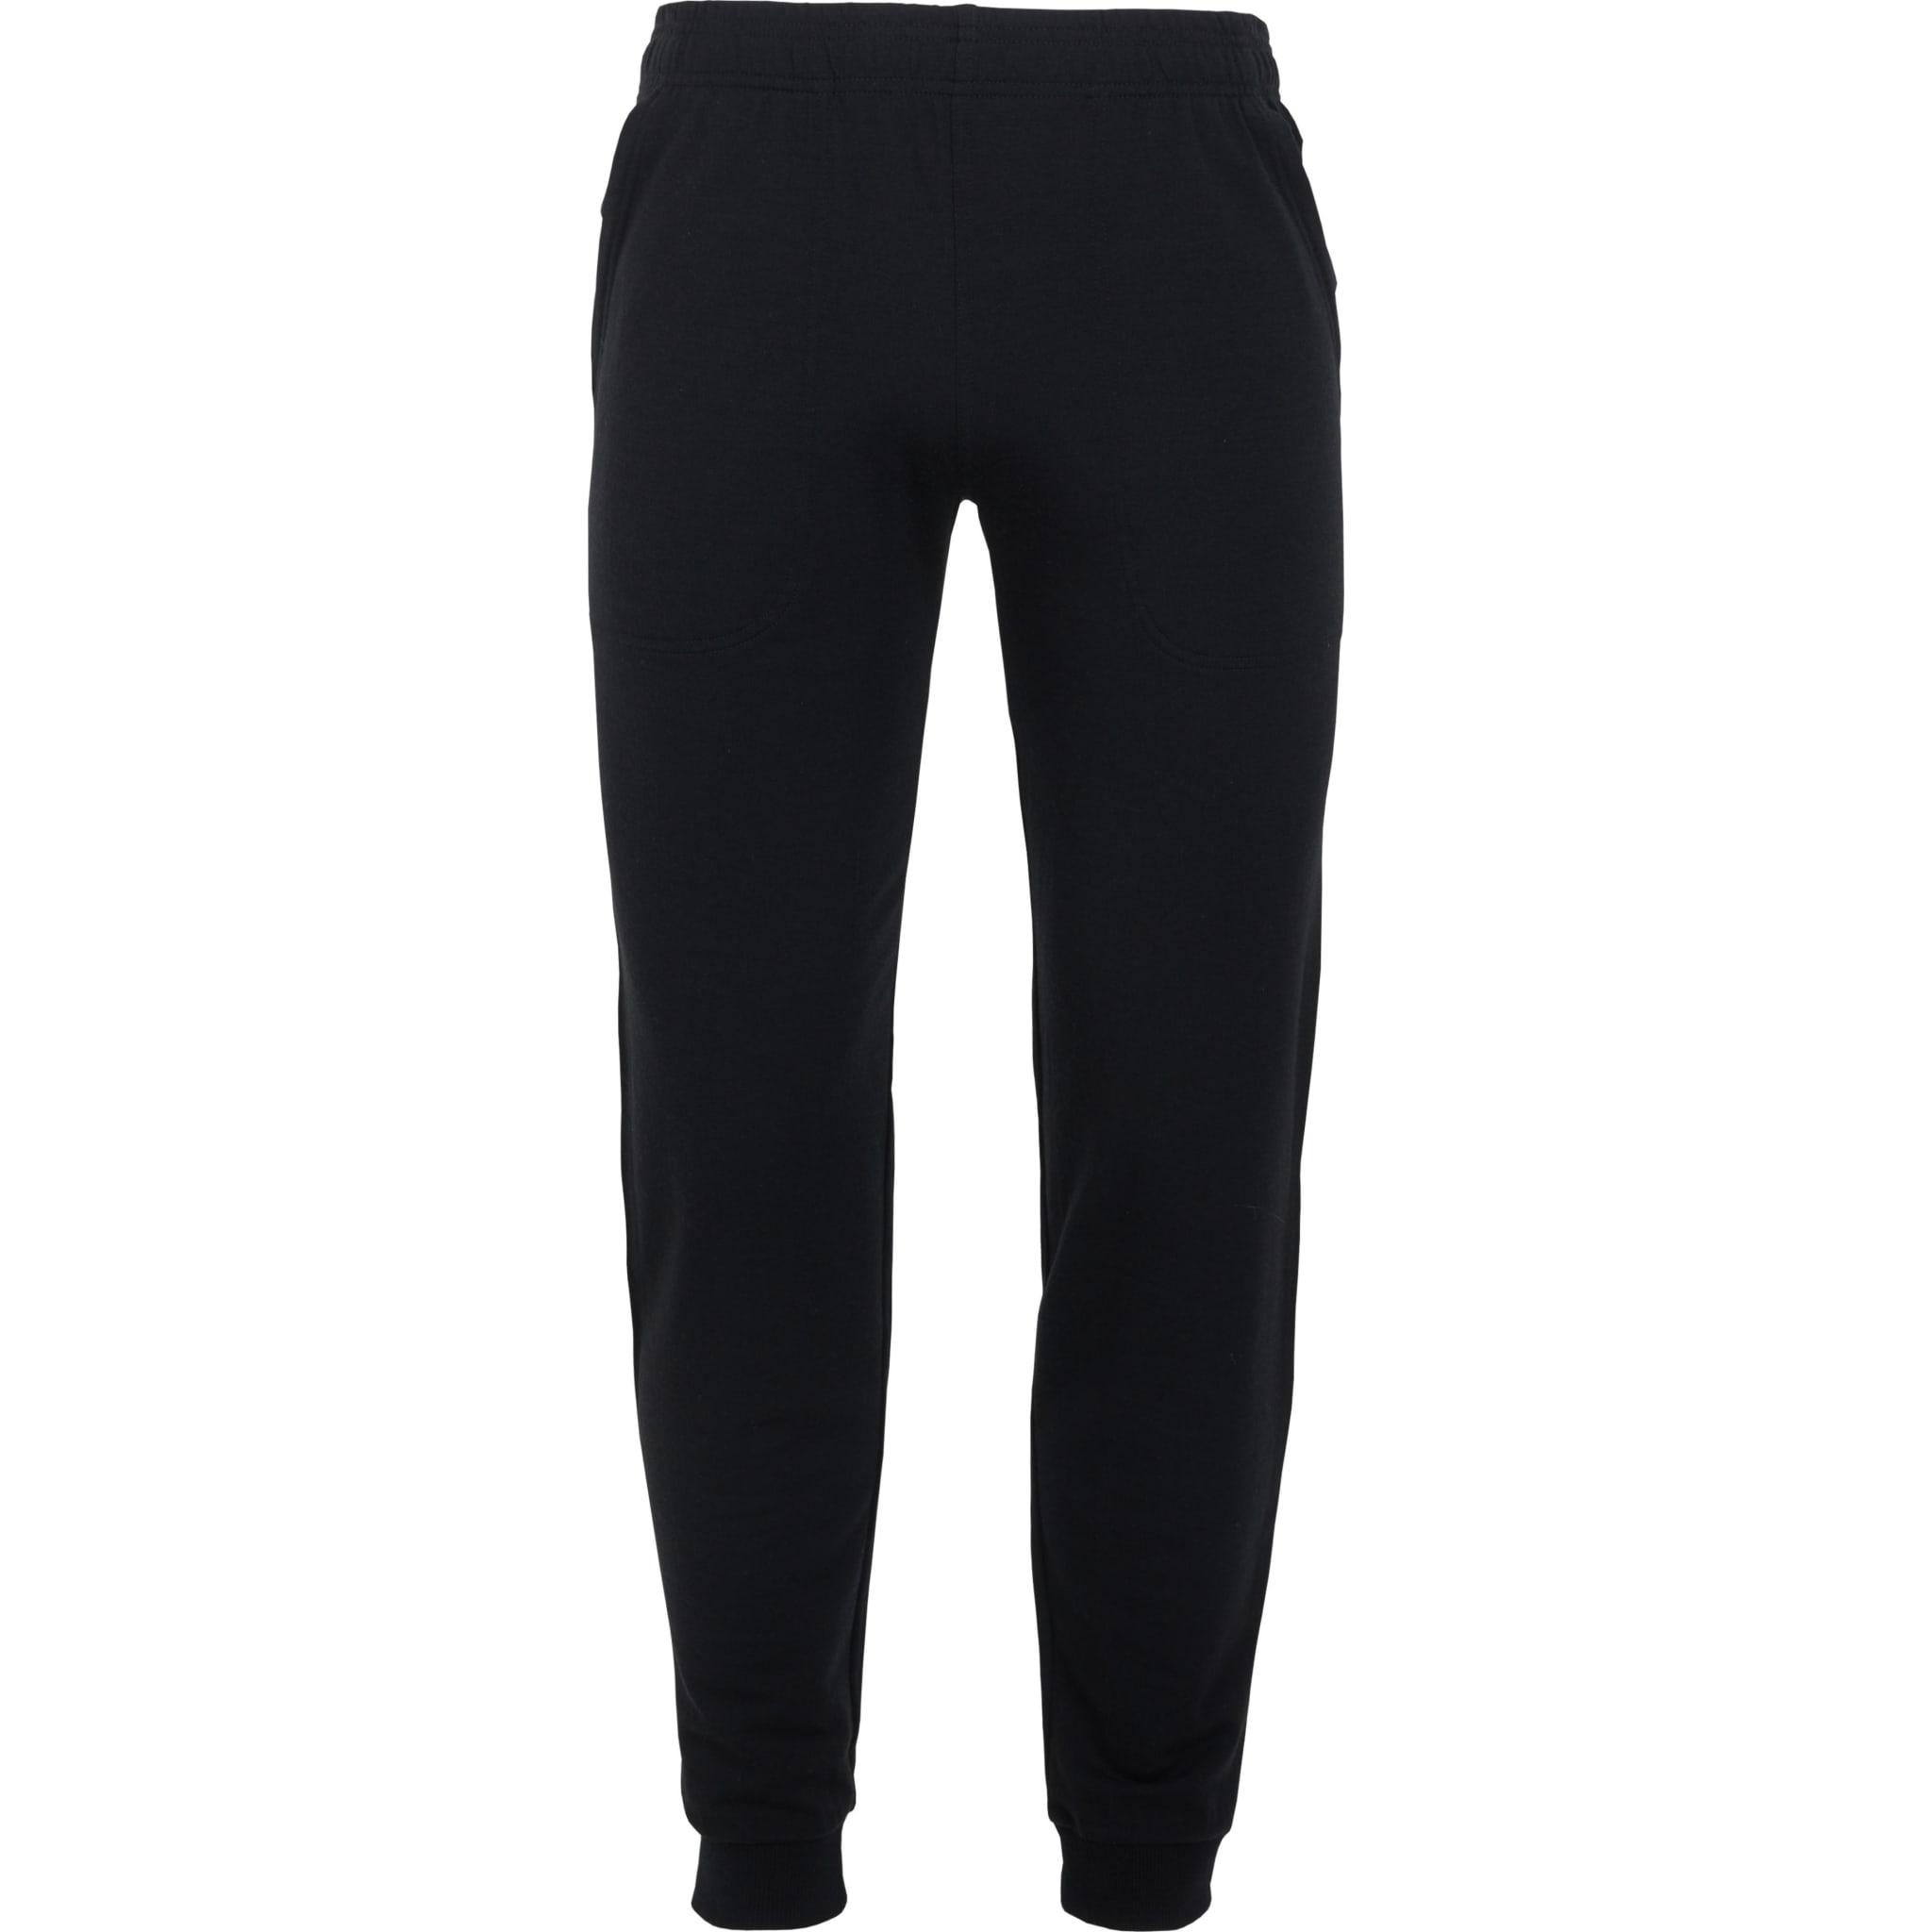 Svært behagelig bukse i ull for avslapping eller trening